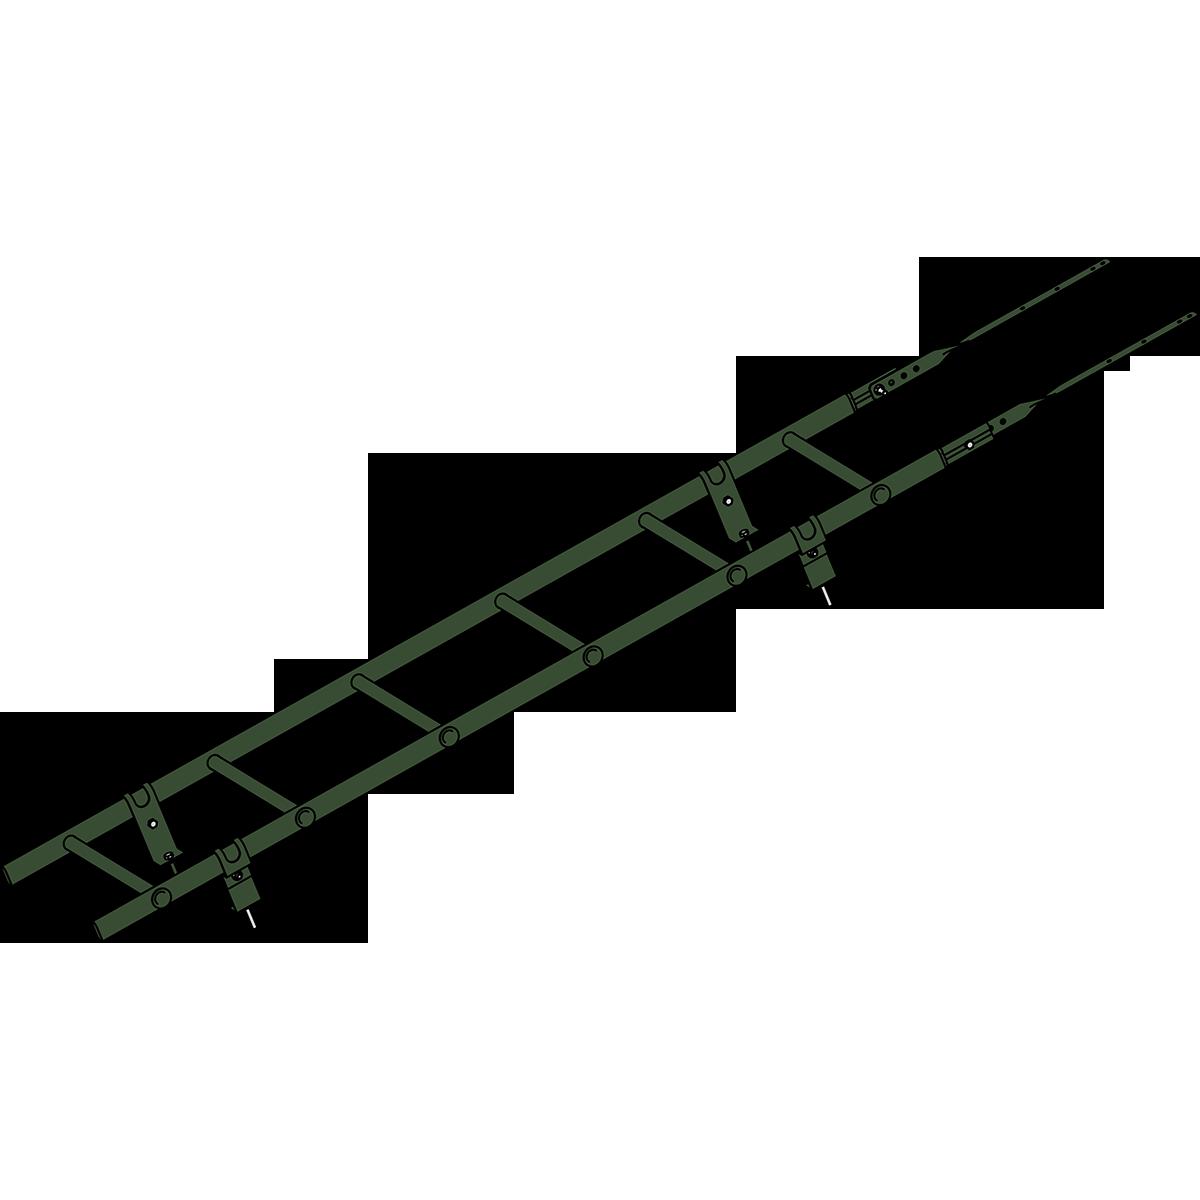 Лестница кровельная ROOFSYSTEMS PRESTIGE ZN 45х25 (овал) 400 унивеpсальная 1,2 м RAL 6020 Зеленый хром